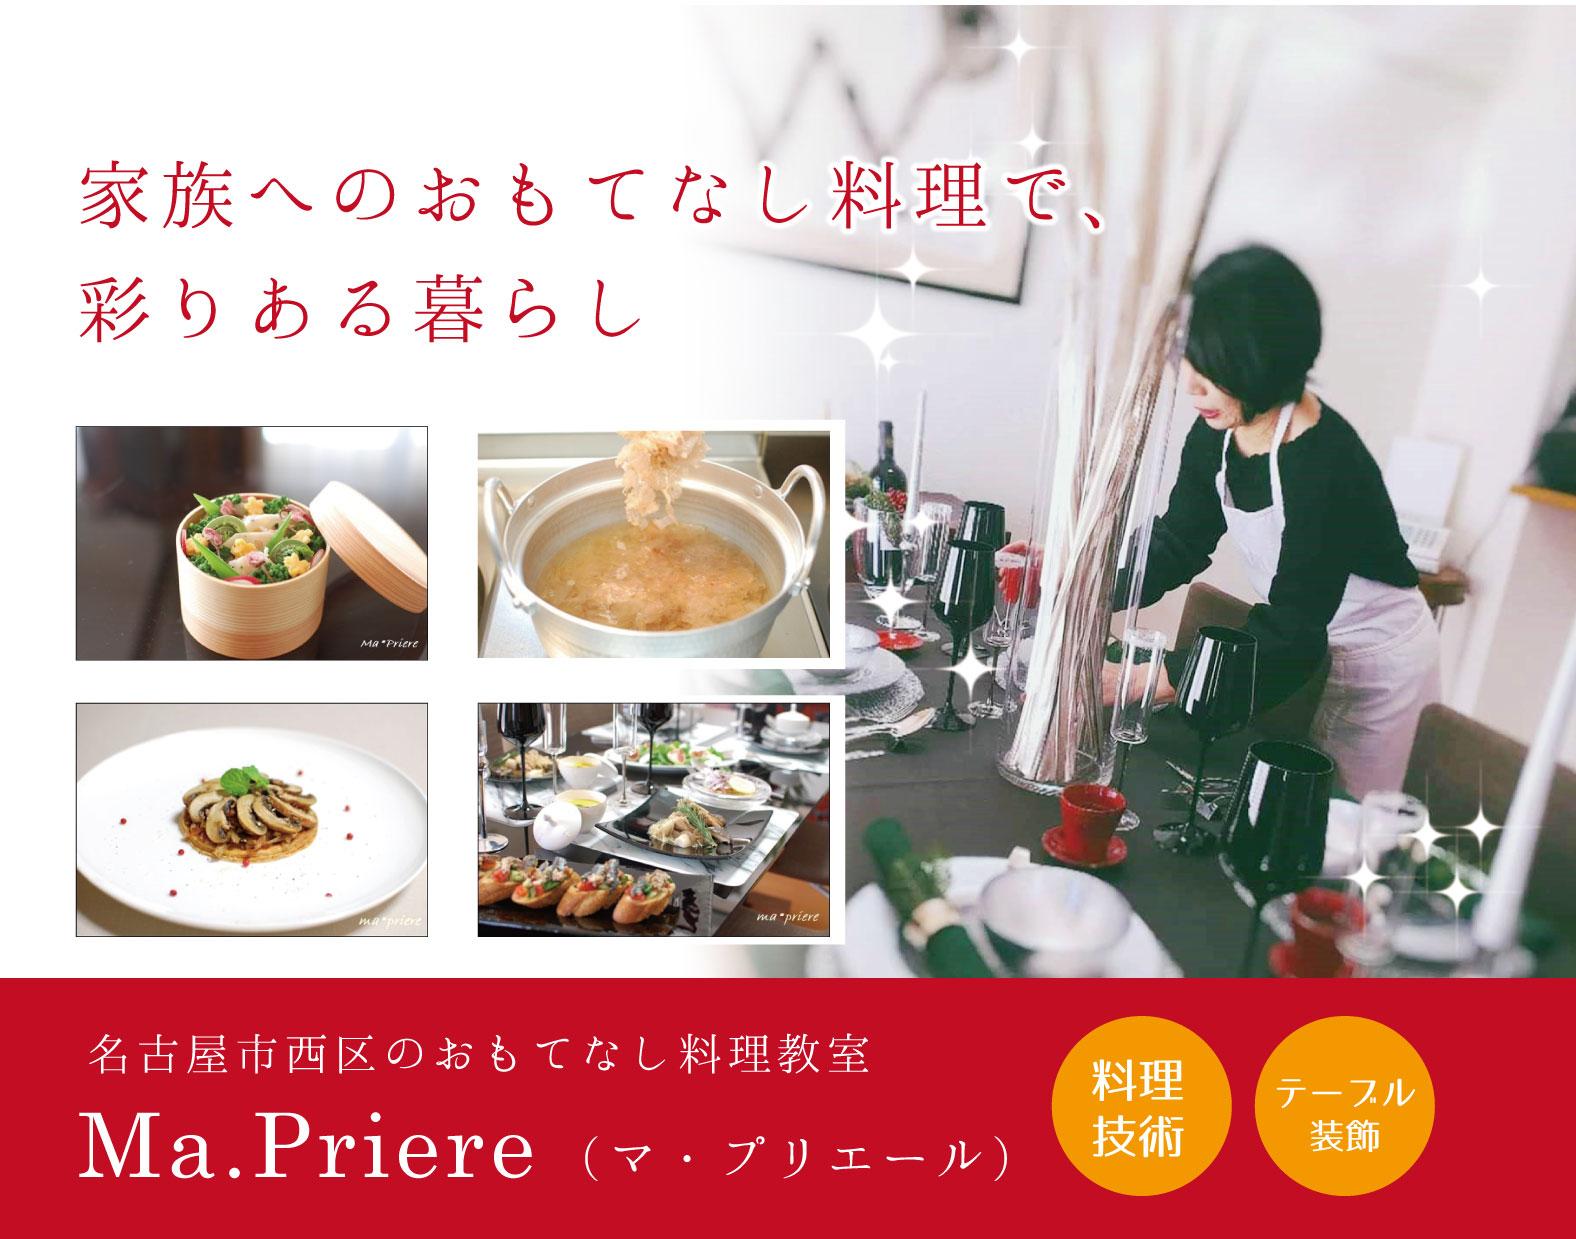 名古屋市西区のおもてなし料理教室Ma・Priere